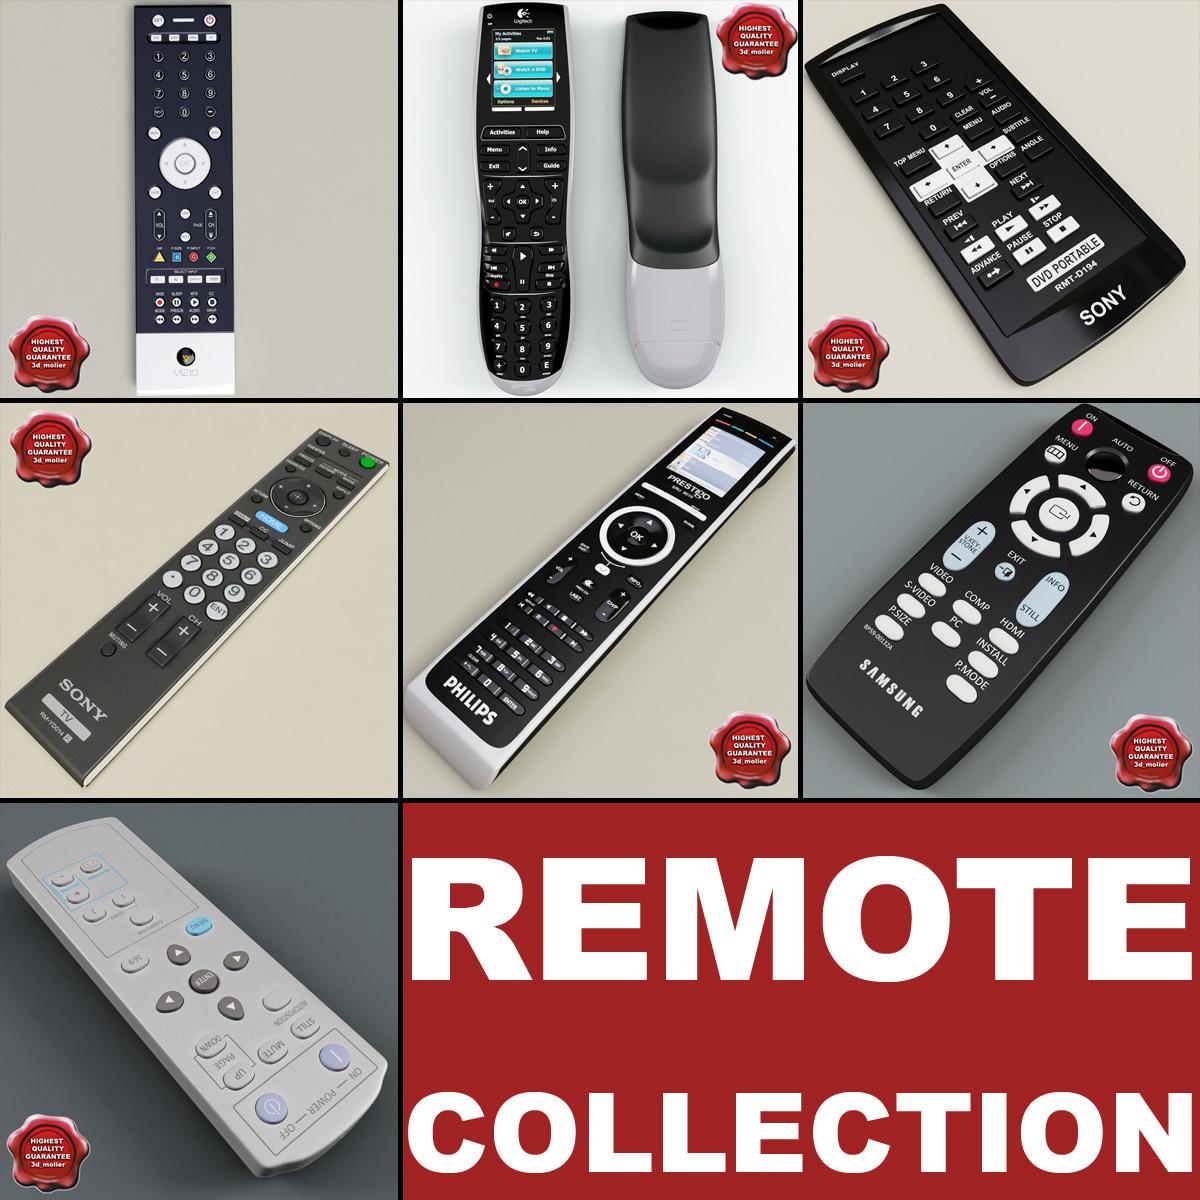 Remotes_Collection_V3_00.jpg